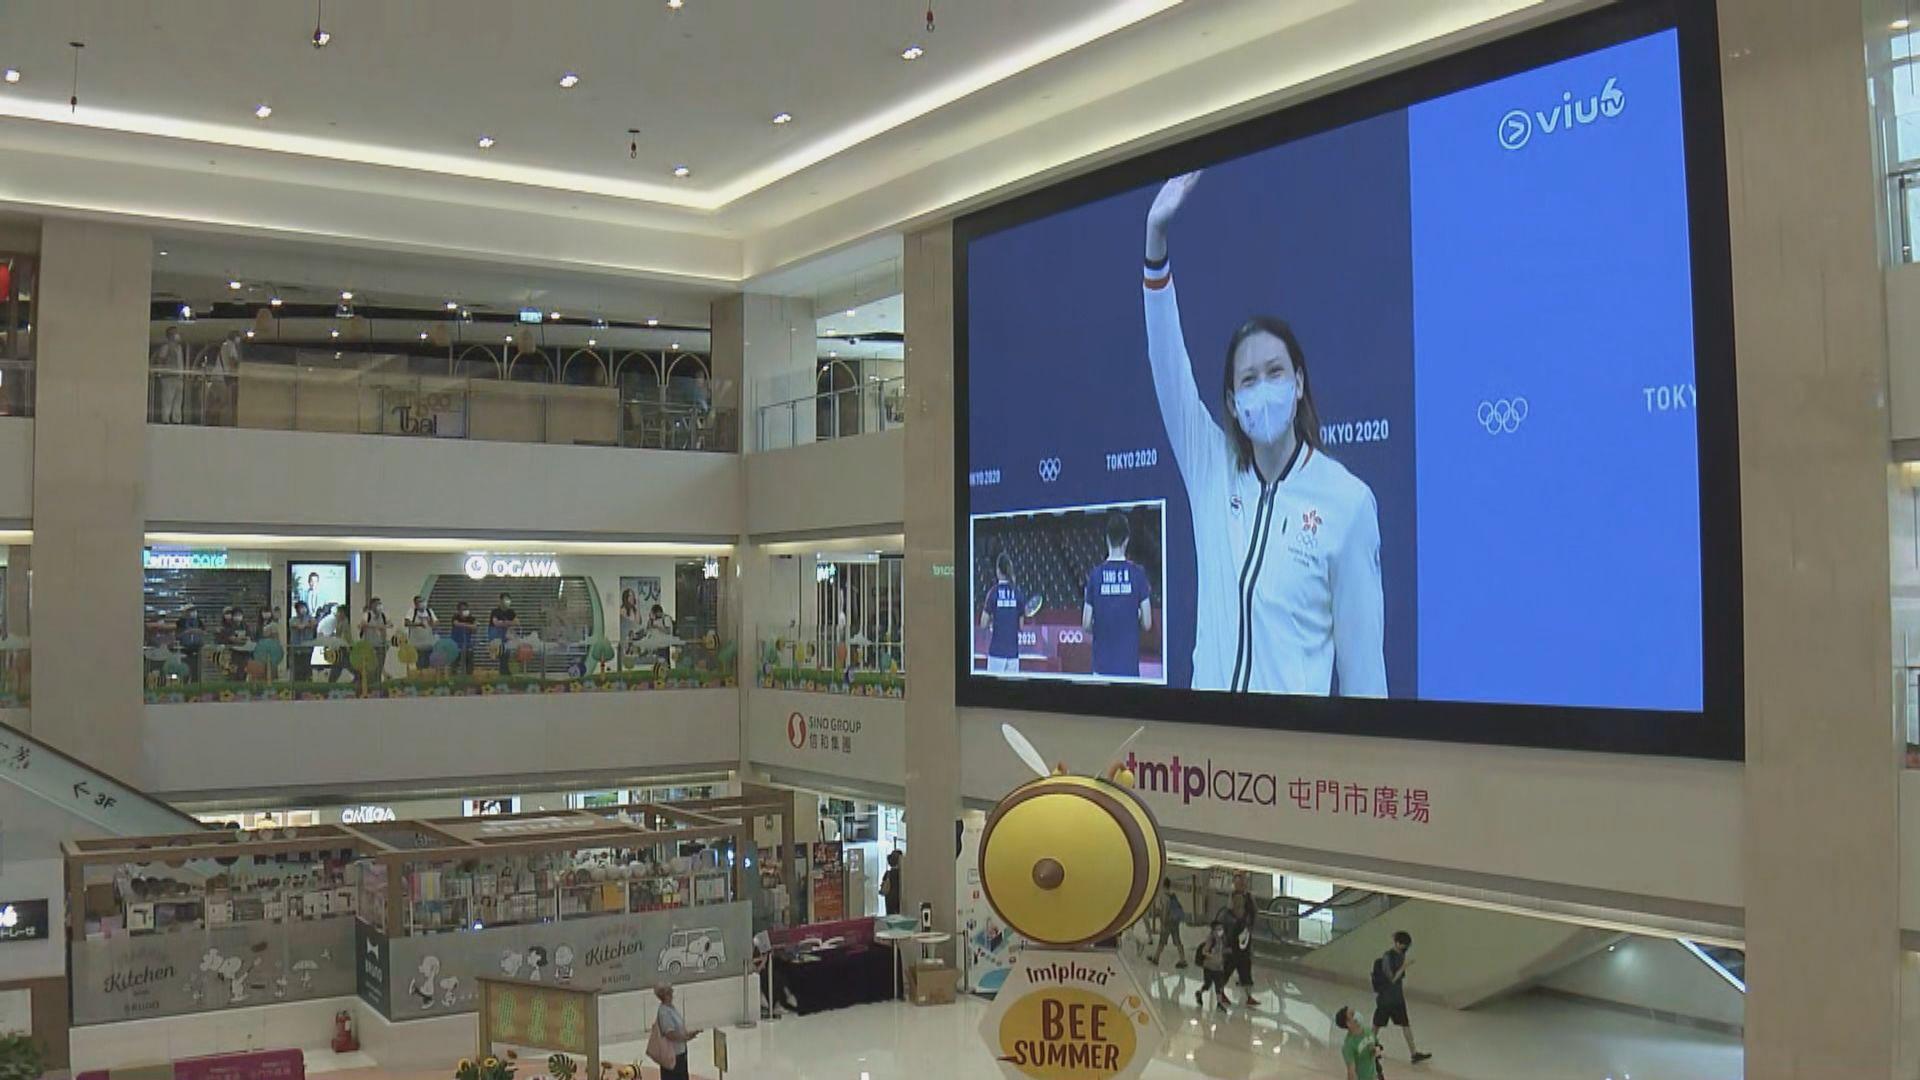 市民商場觀看奧運直播 對港隊表現感自豪